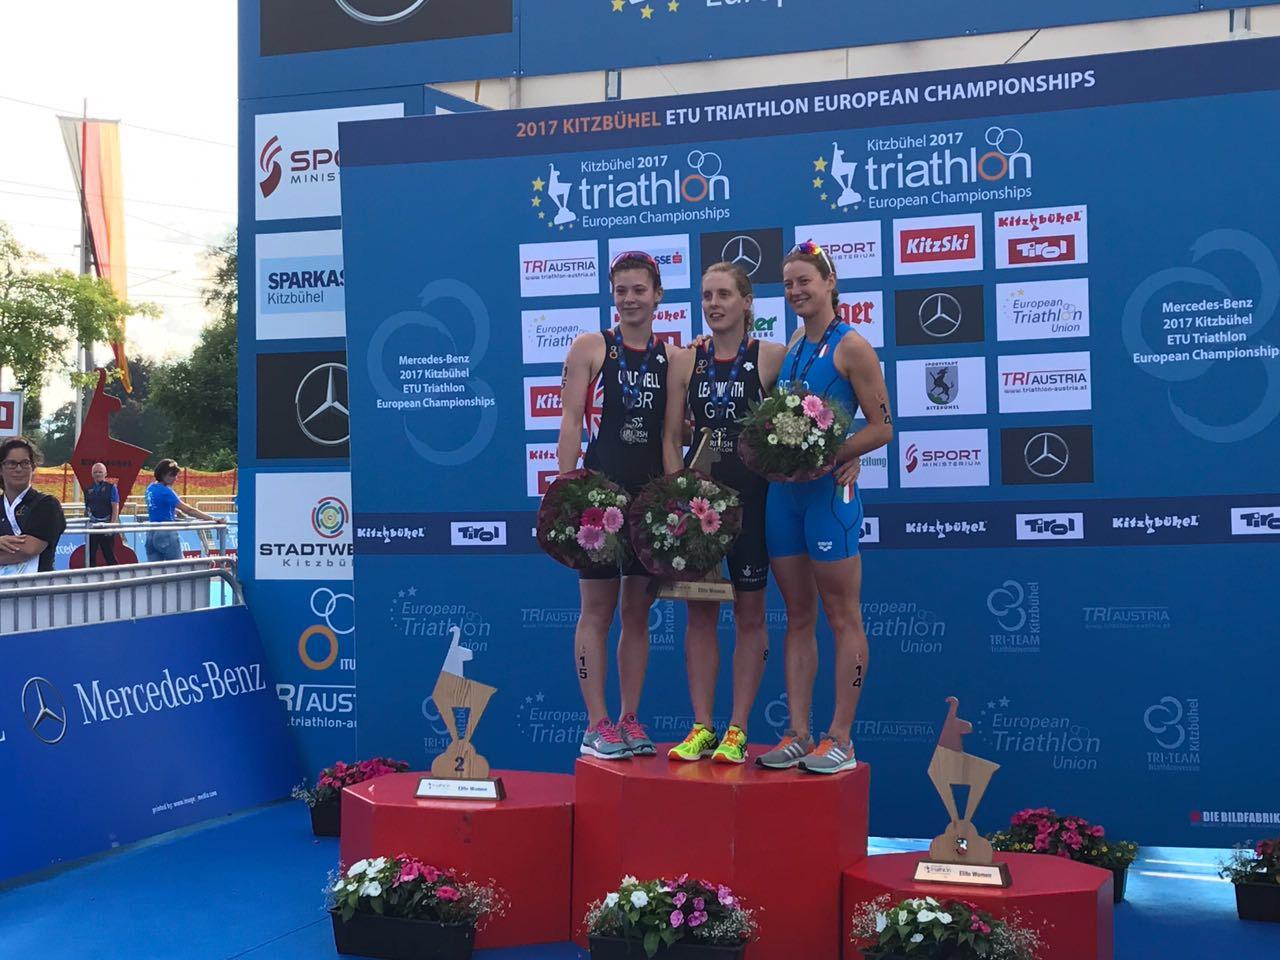 triathlon europei 2017 alice betto bronzo-italia podio europeo 2017 kitzbuhel austria